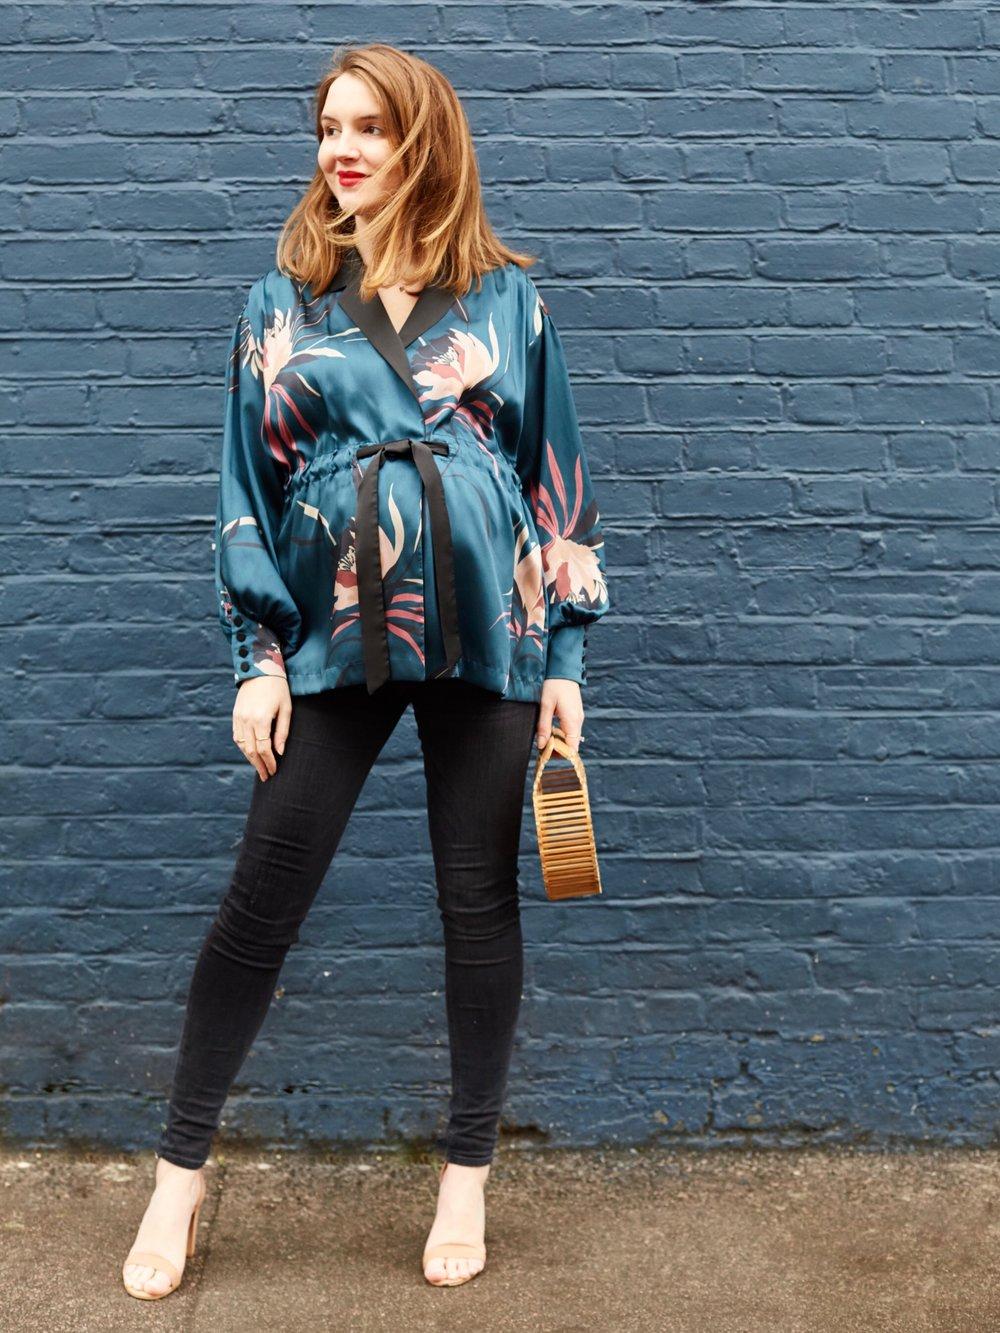 THE GROWN UP EDIT - Zara Kimono